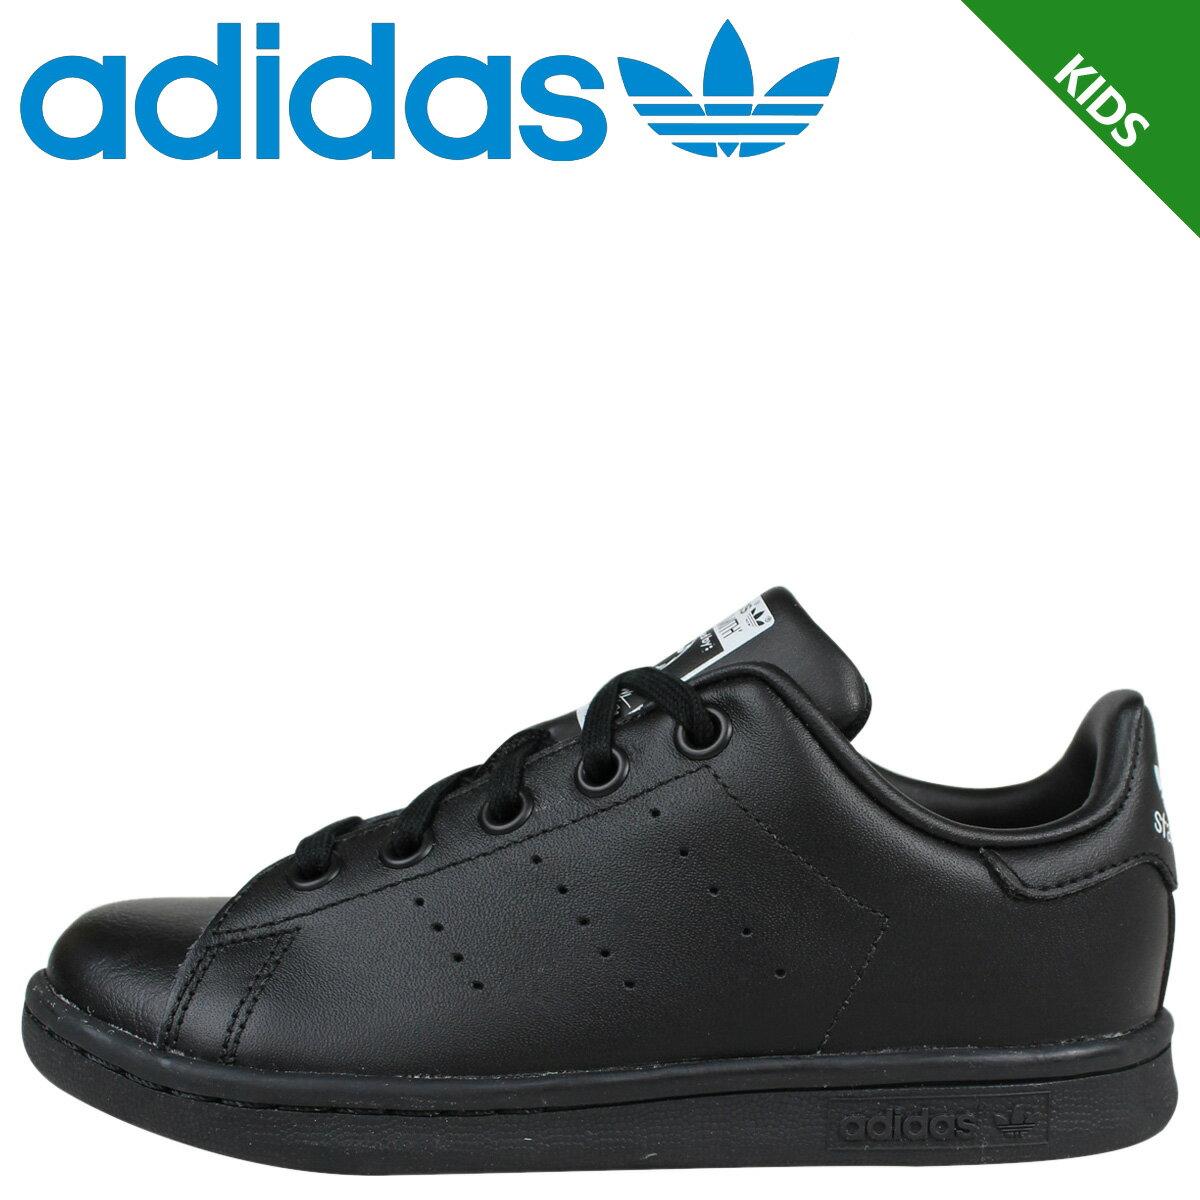 アディダス スタンスミス キッズ adidas Originals スニーカー STAN SMITH EL C 靴 ブラック BA8376